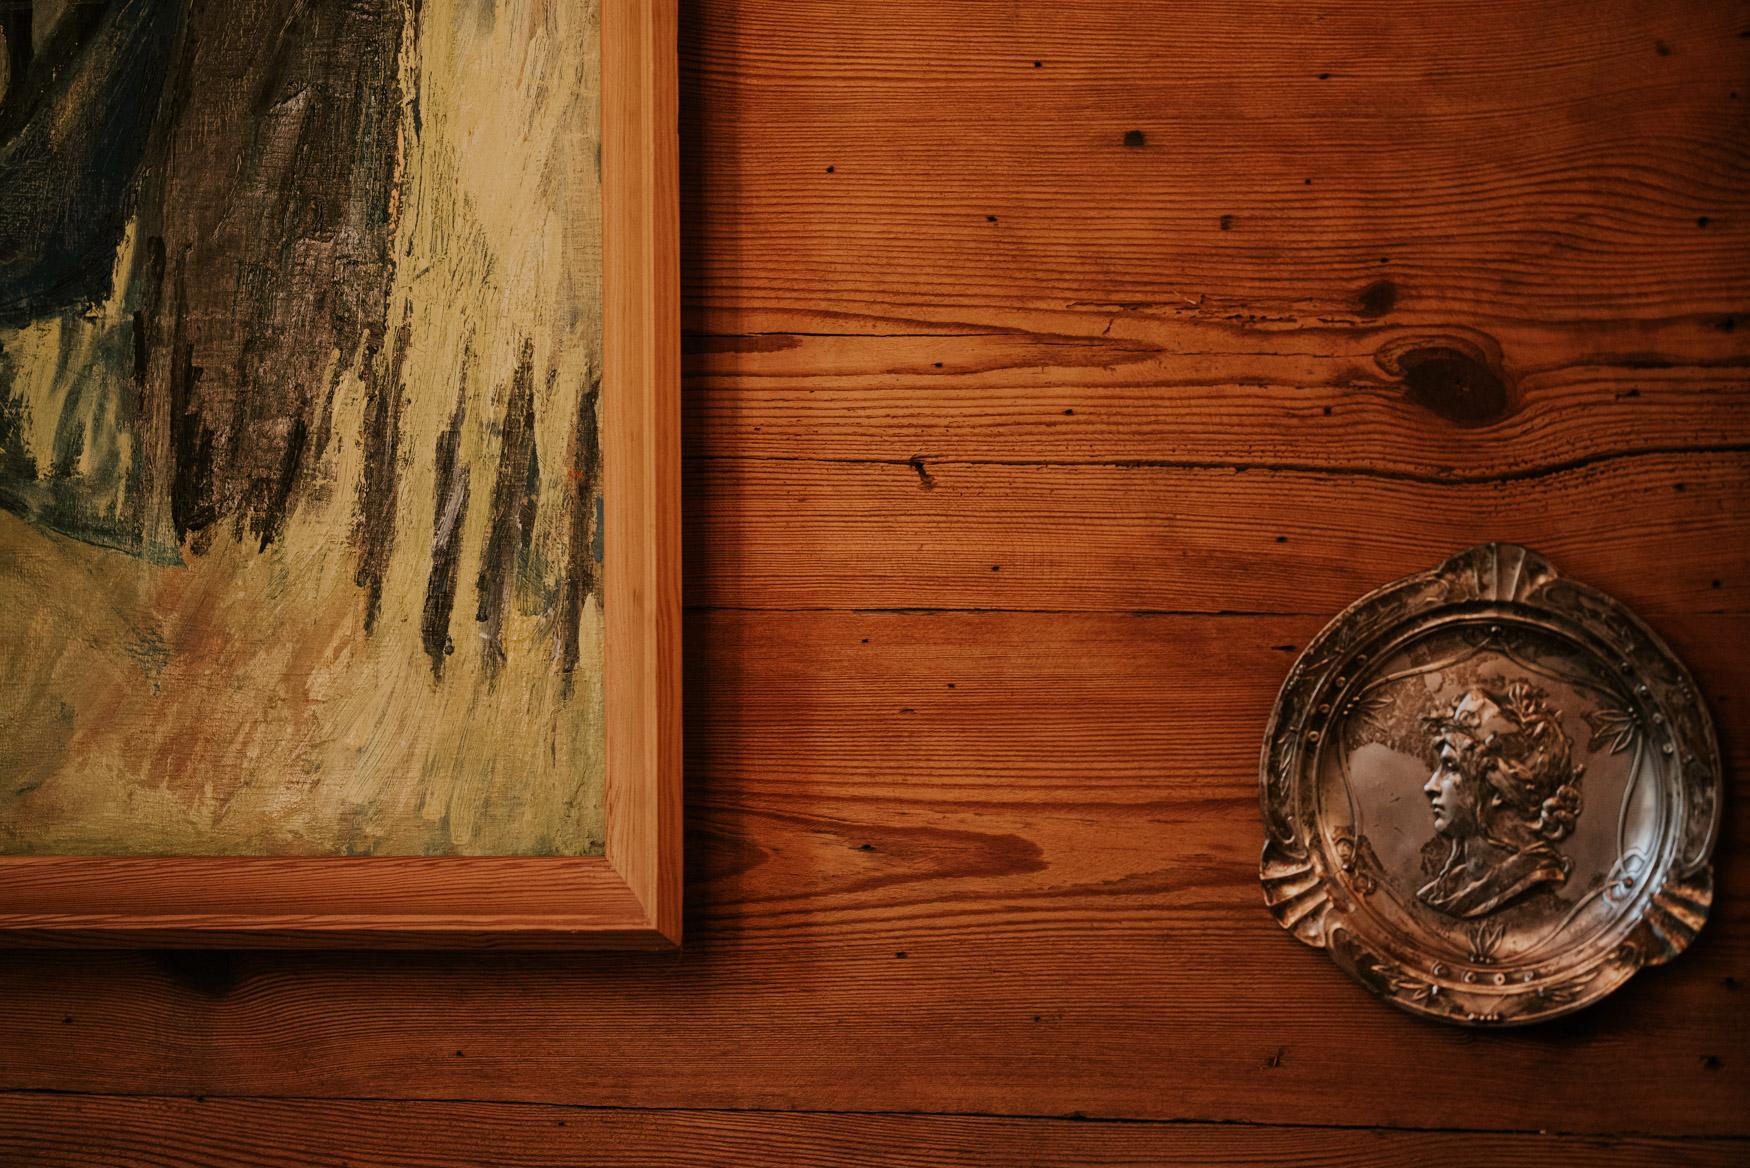 metalowy obraz wiszący na ścianie